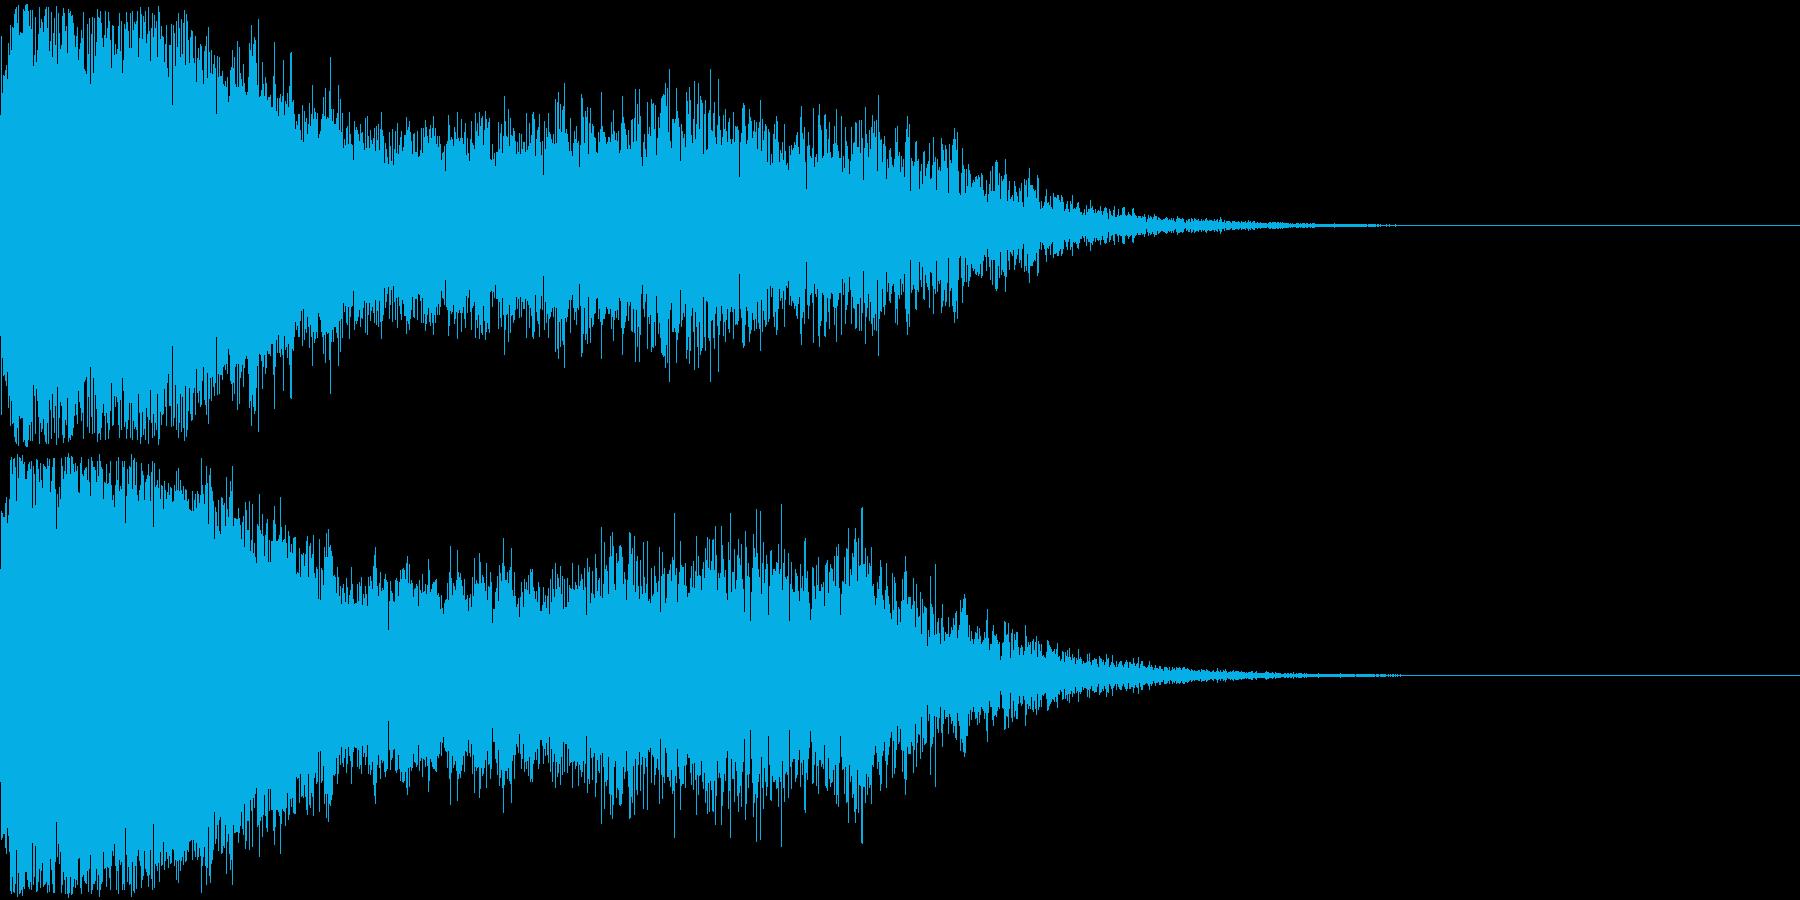 刀 剣 ソード カキーン キュイーン08の再生済みの波形